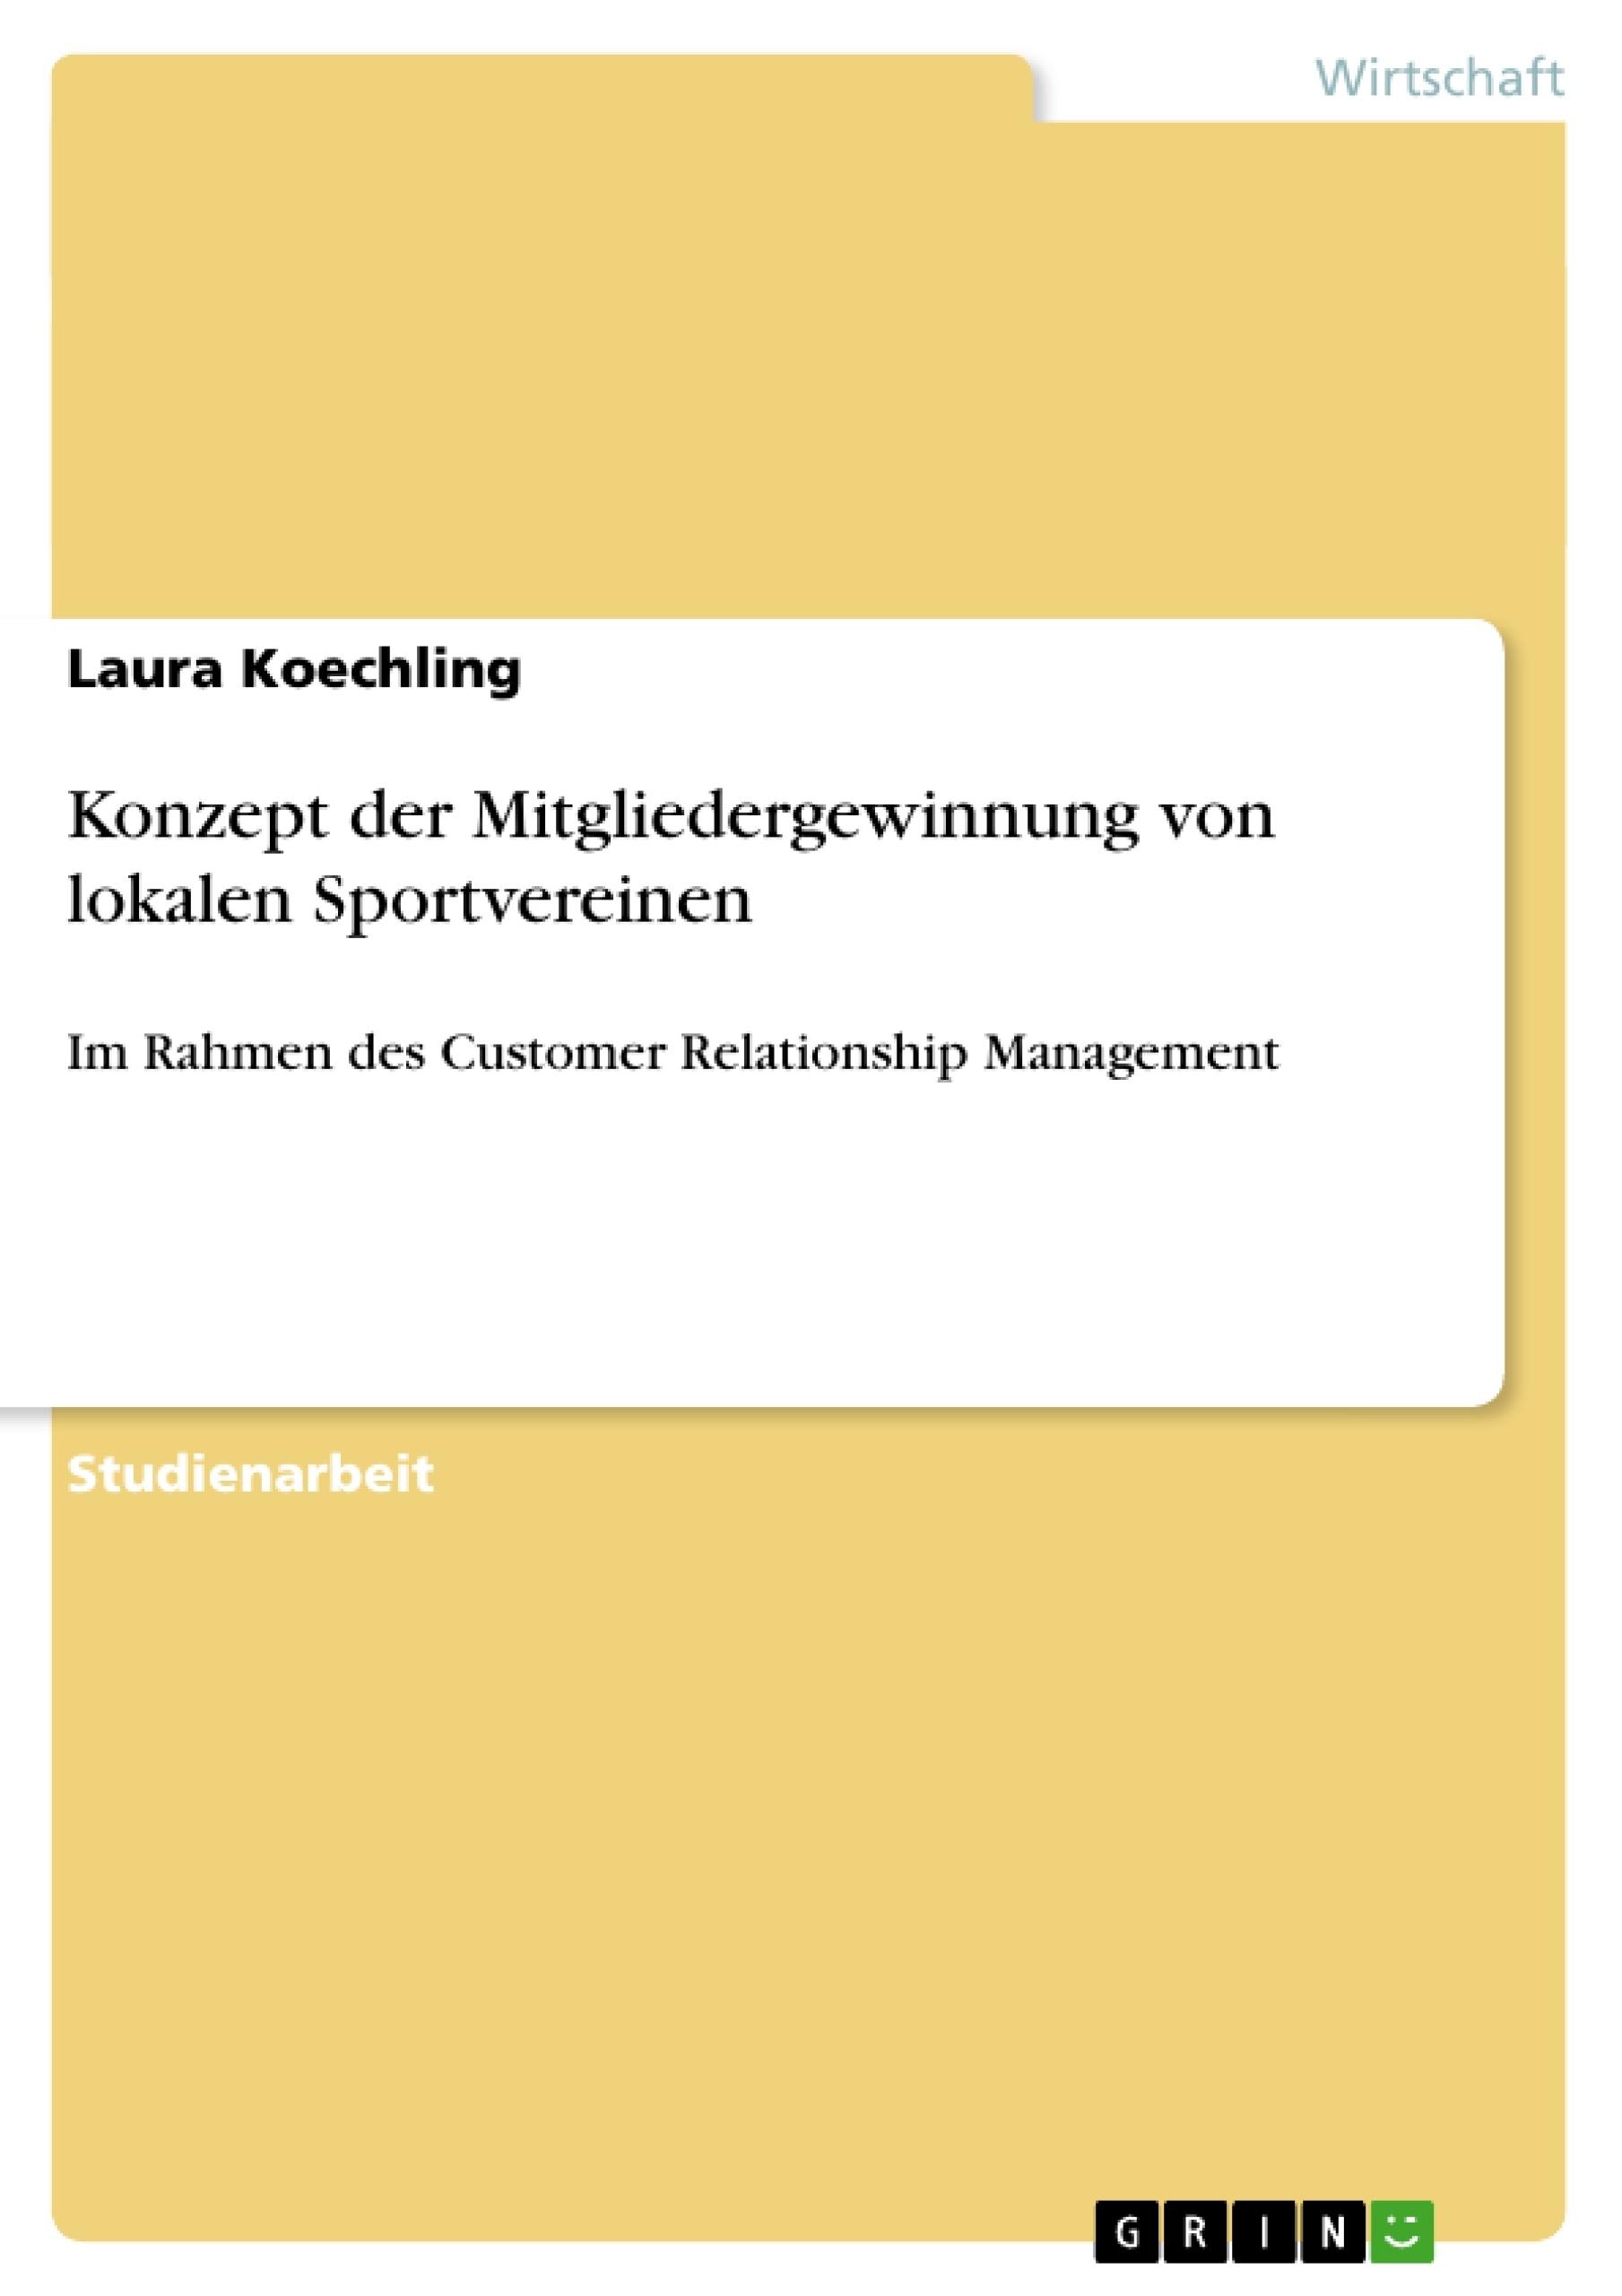 Titel: Konzept der Mitgliedergewinnung von lokalen Sportvereinen